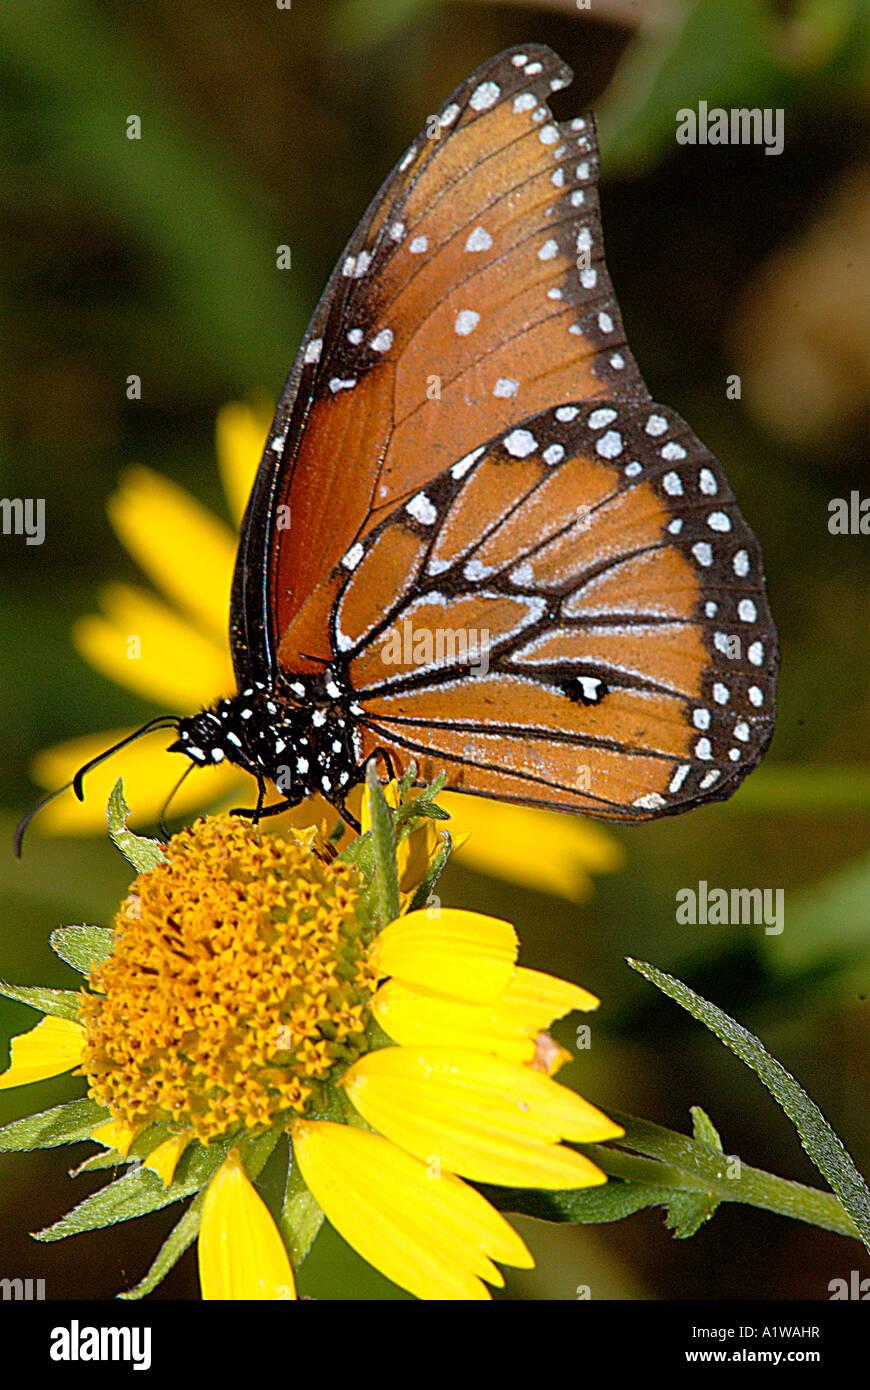 Queen Danaus Gilippus Butterfly Feeding On A Flower Bloom